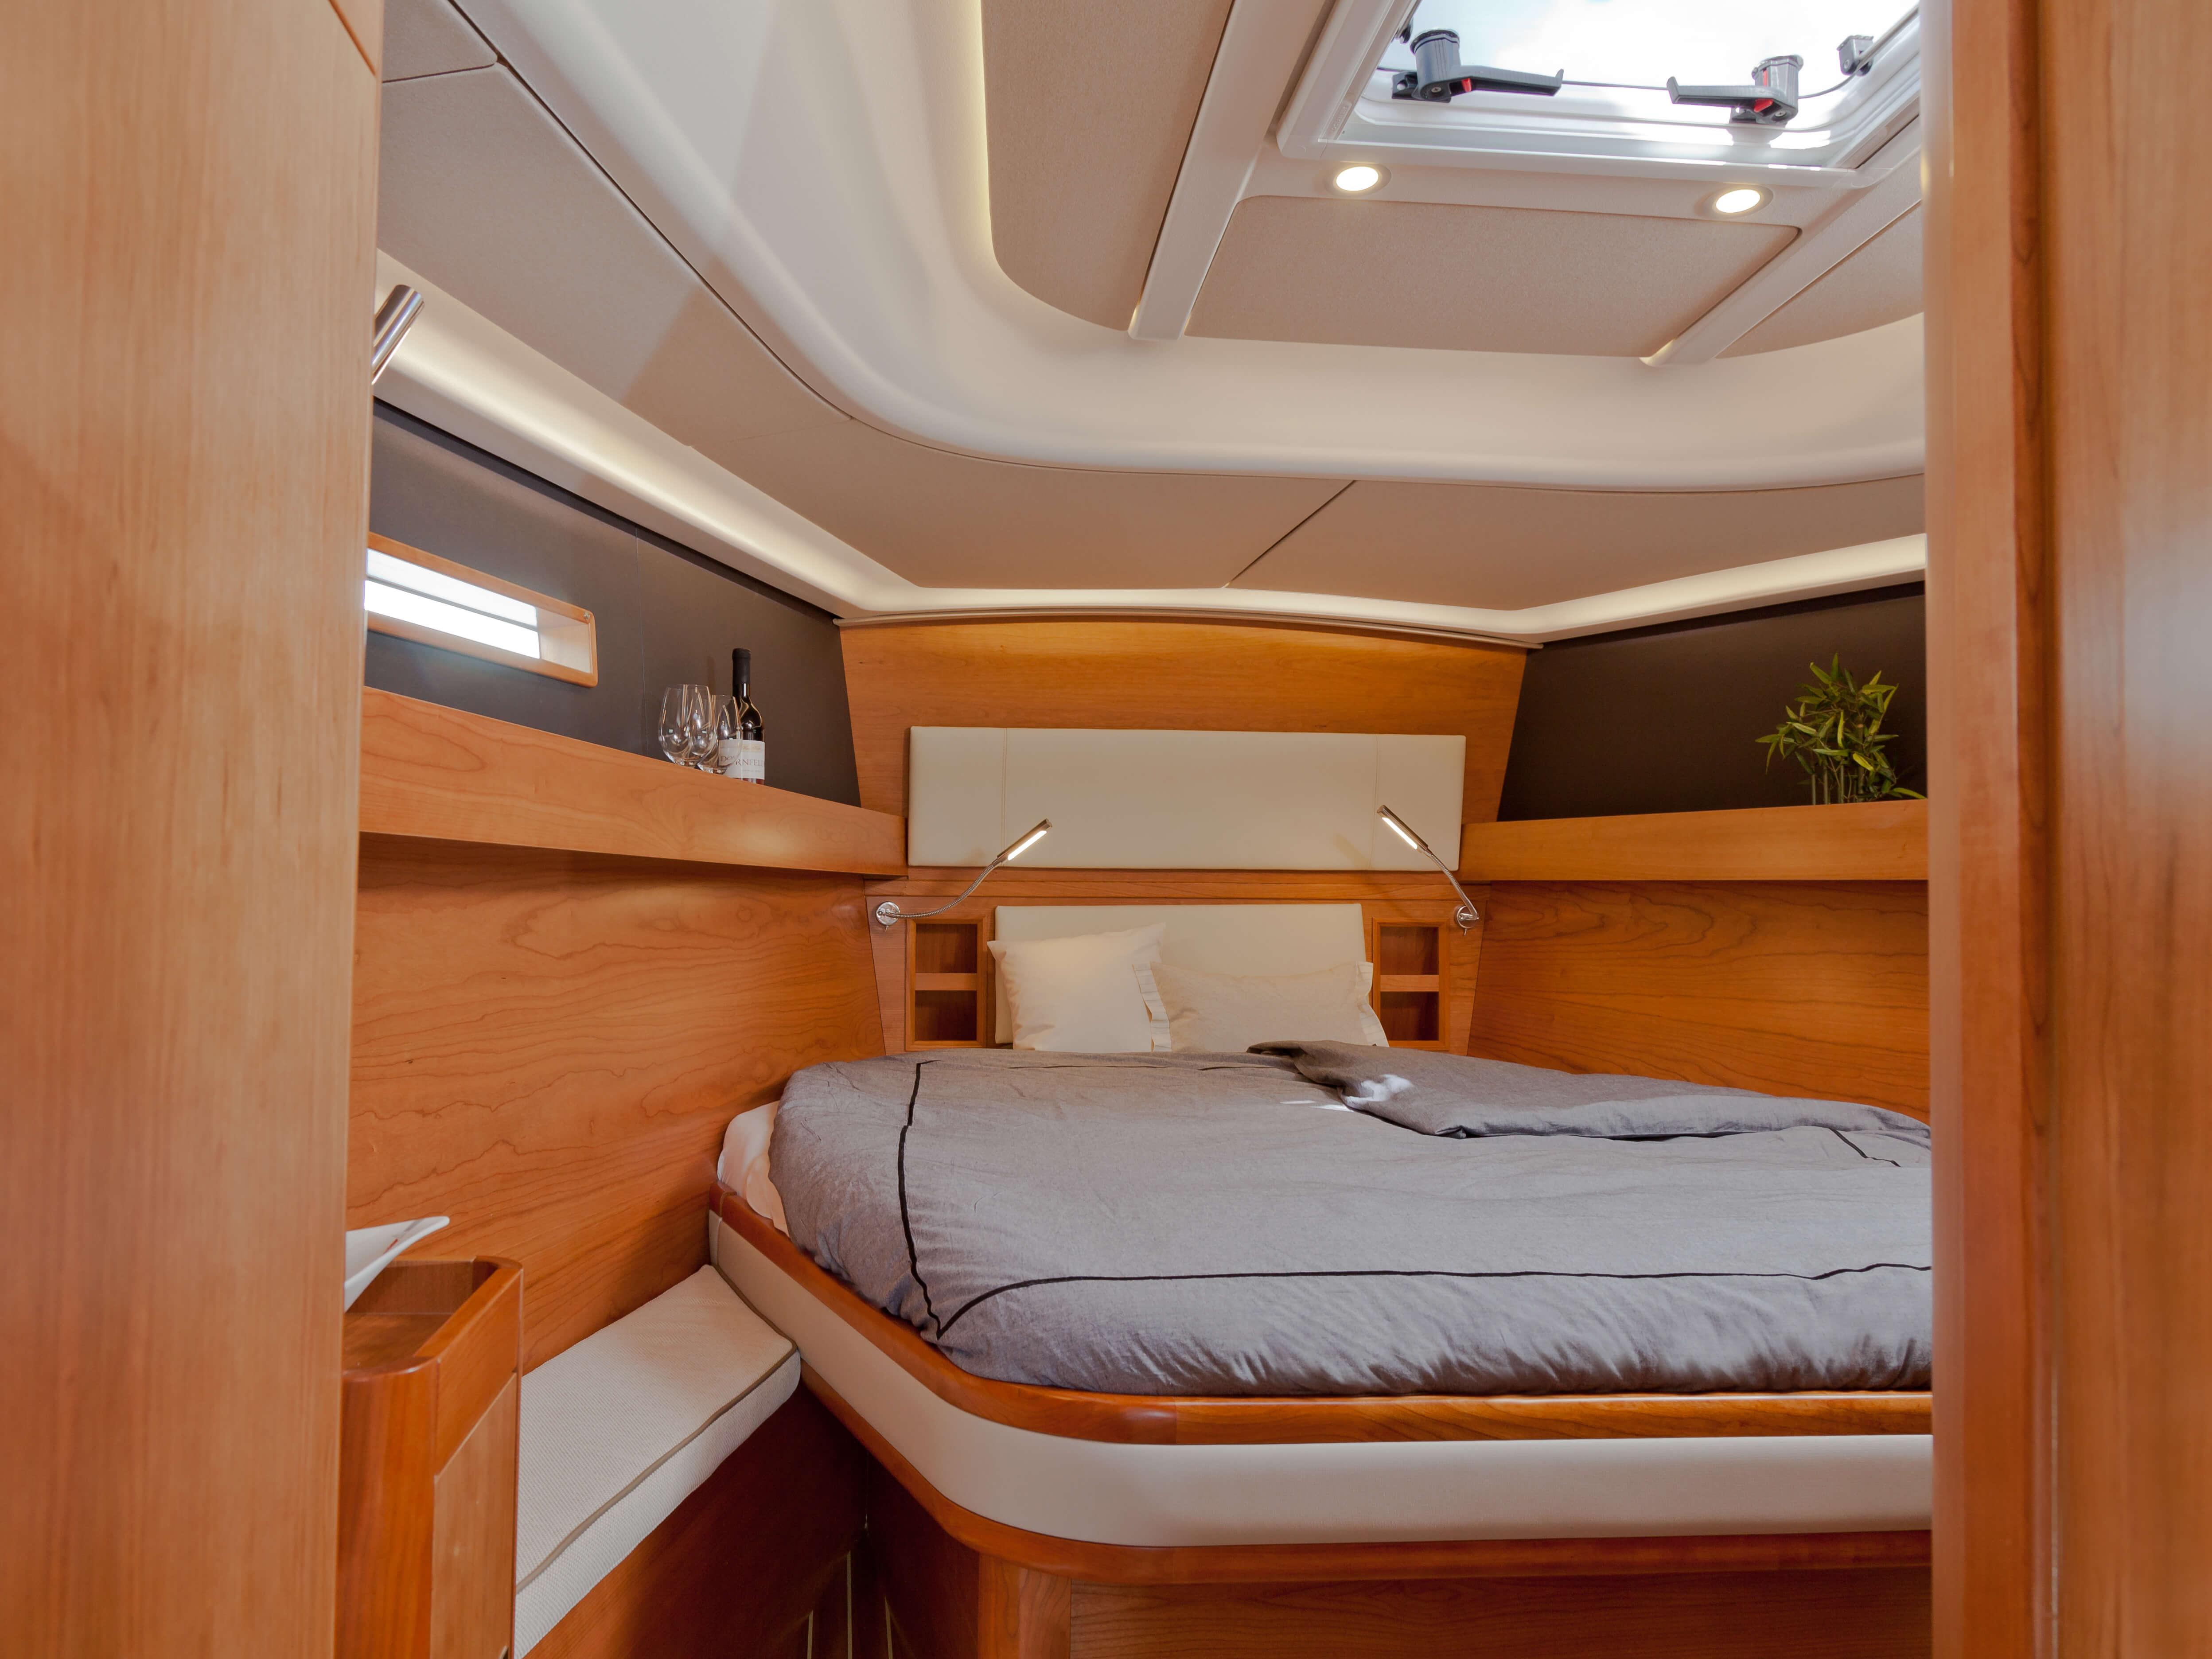 Dehler 46 Vista interior camarote de armador | cama doble, escotilla de cubierto, lámpara para leer | Dehler